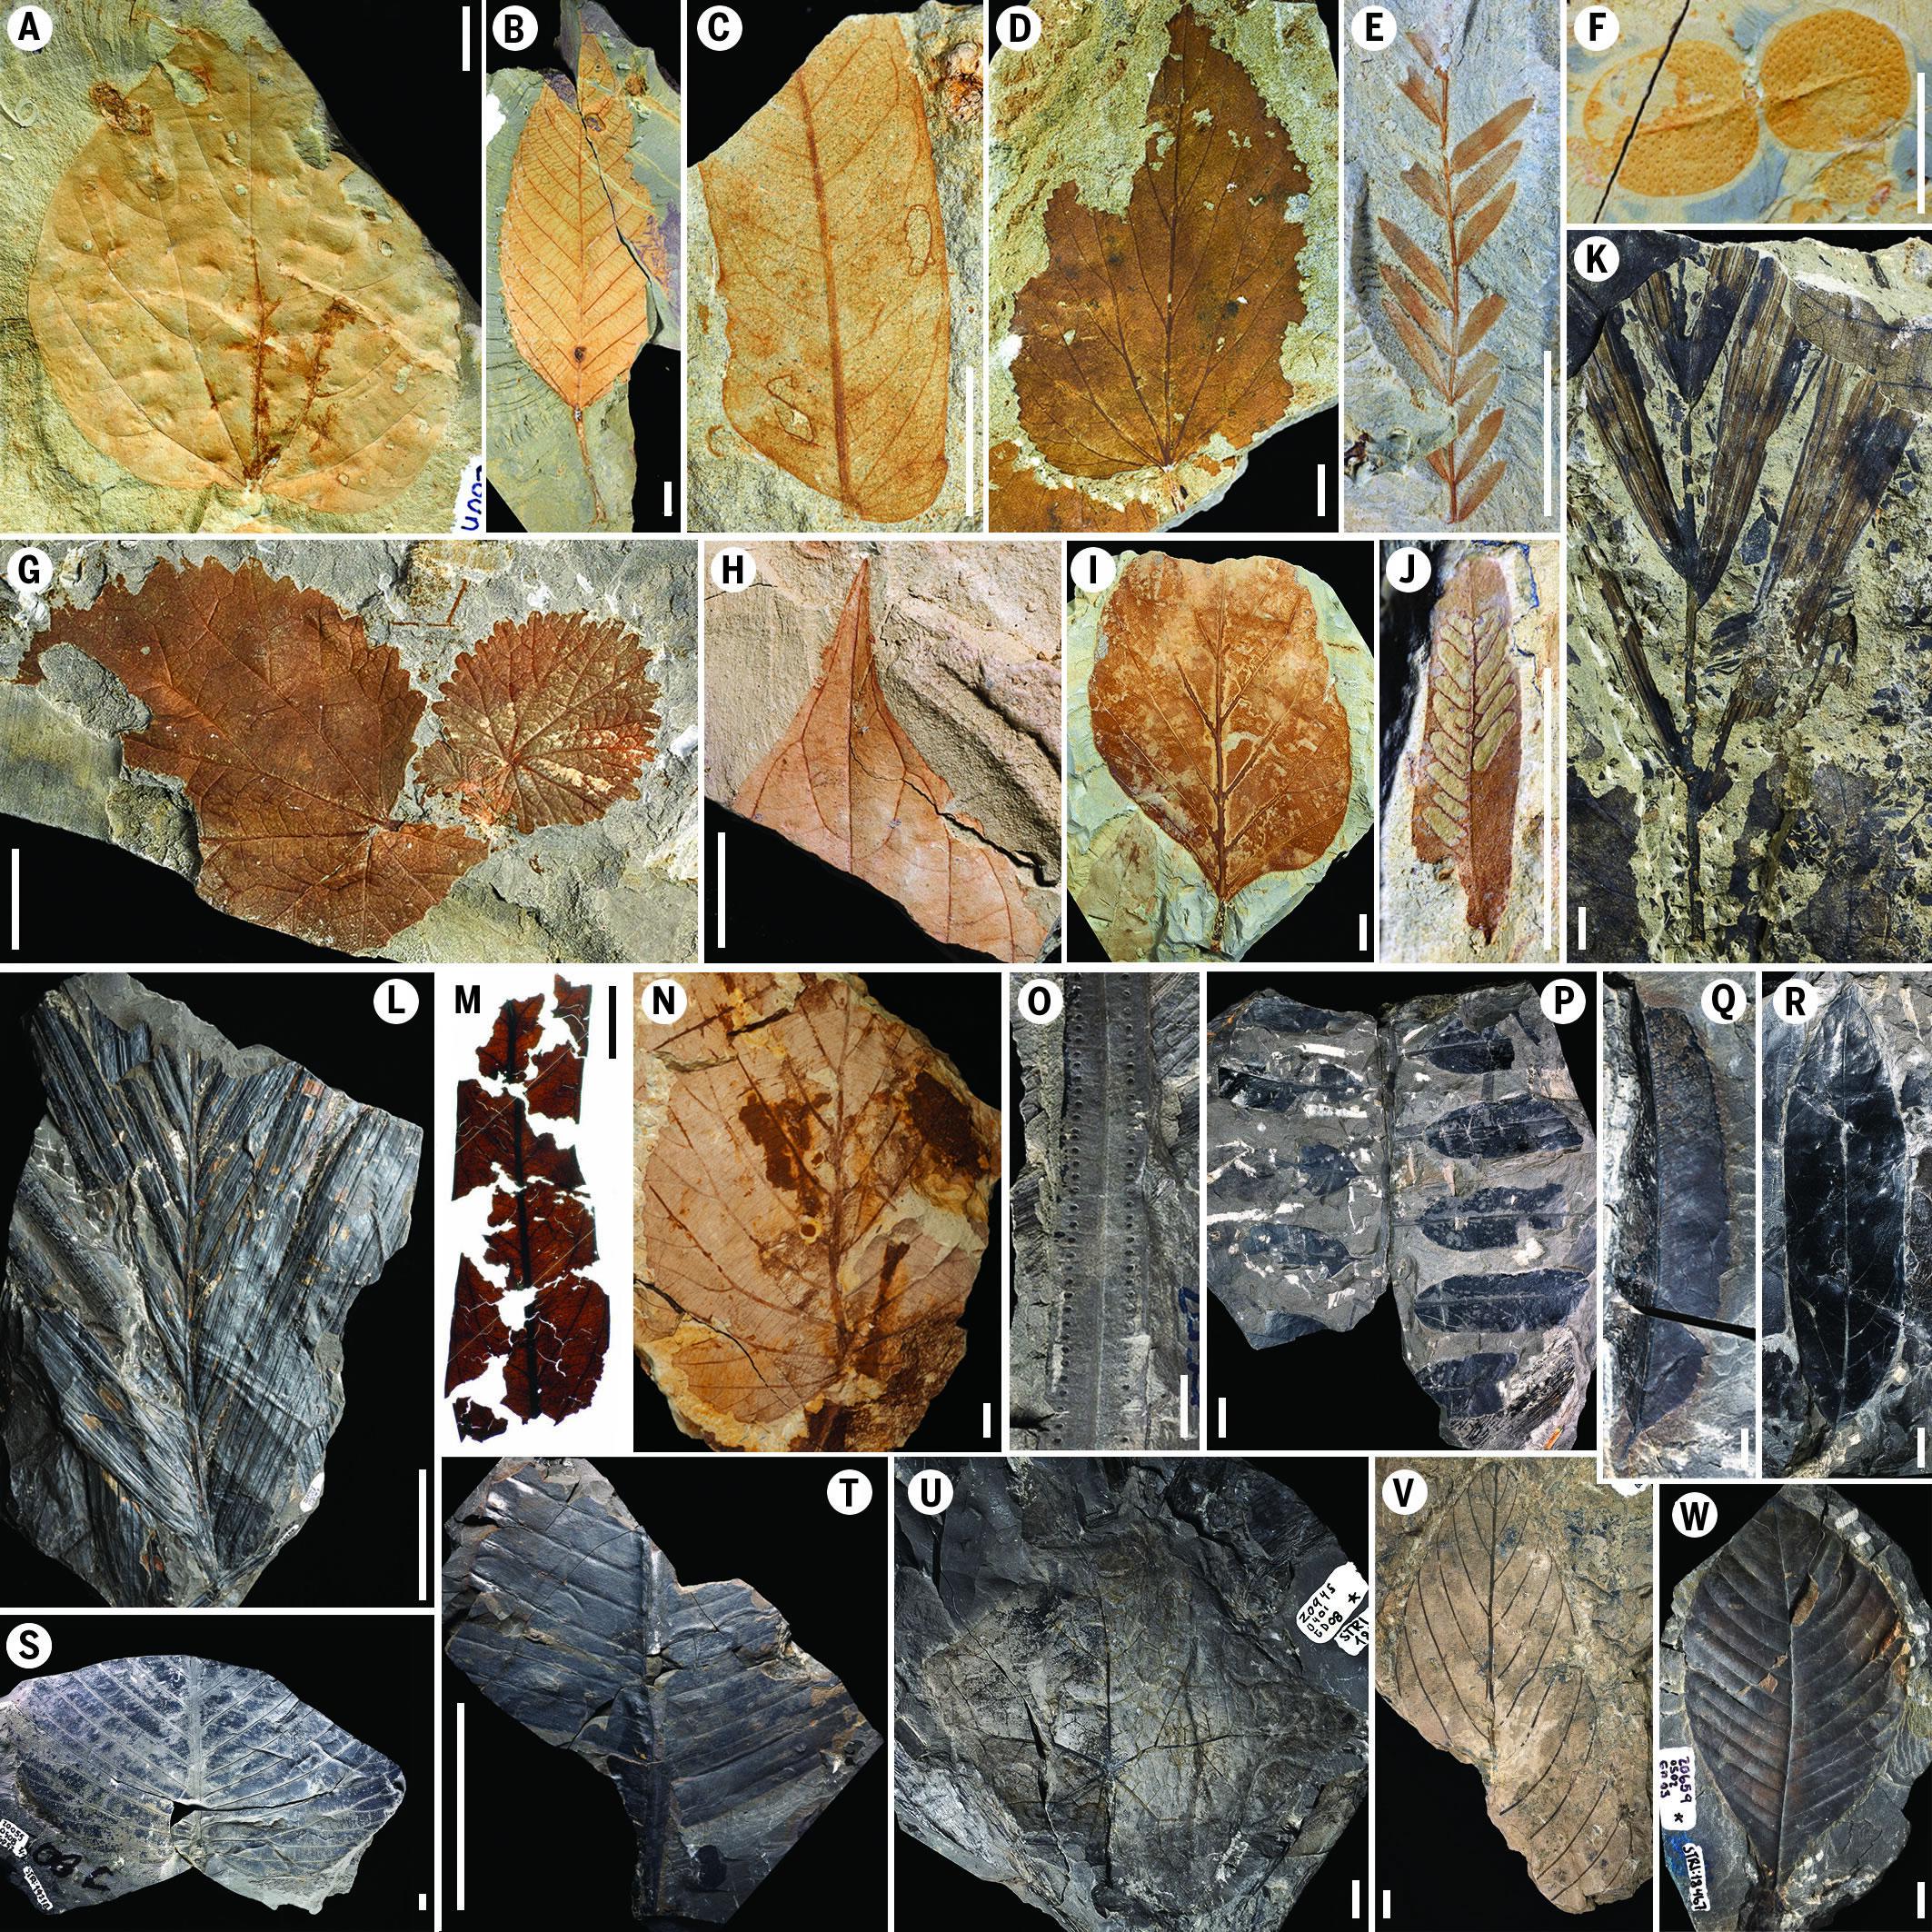 现代热带雨林的起源可追溯到白垩纪末期的小行星撞击